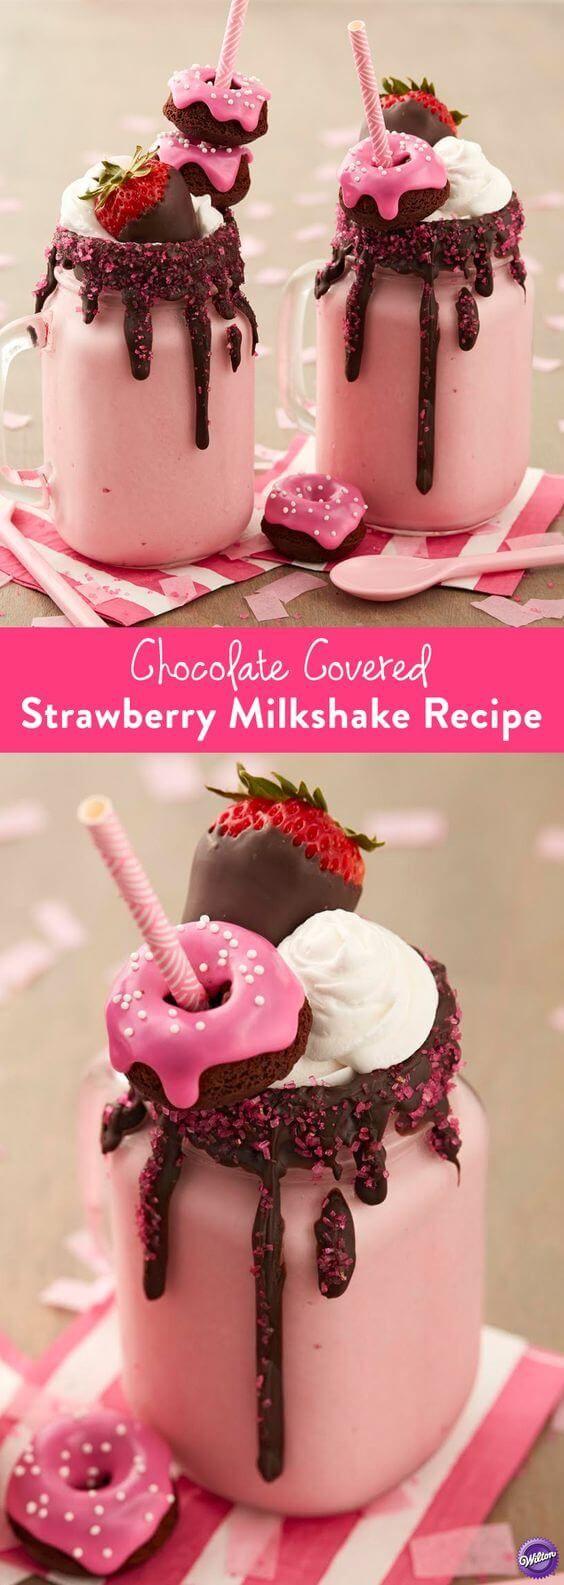 Chocolate Covered Strawberry Milkshakes